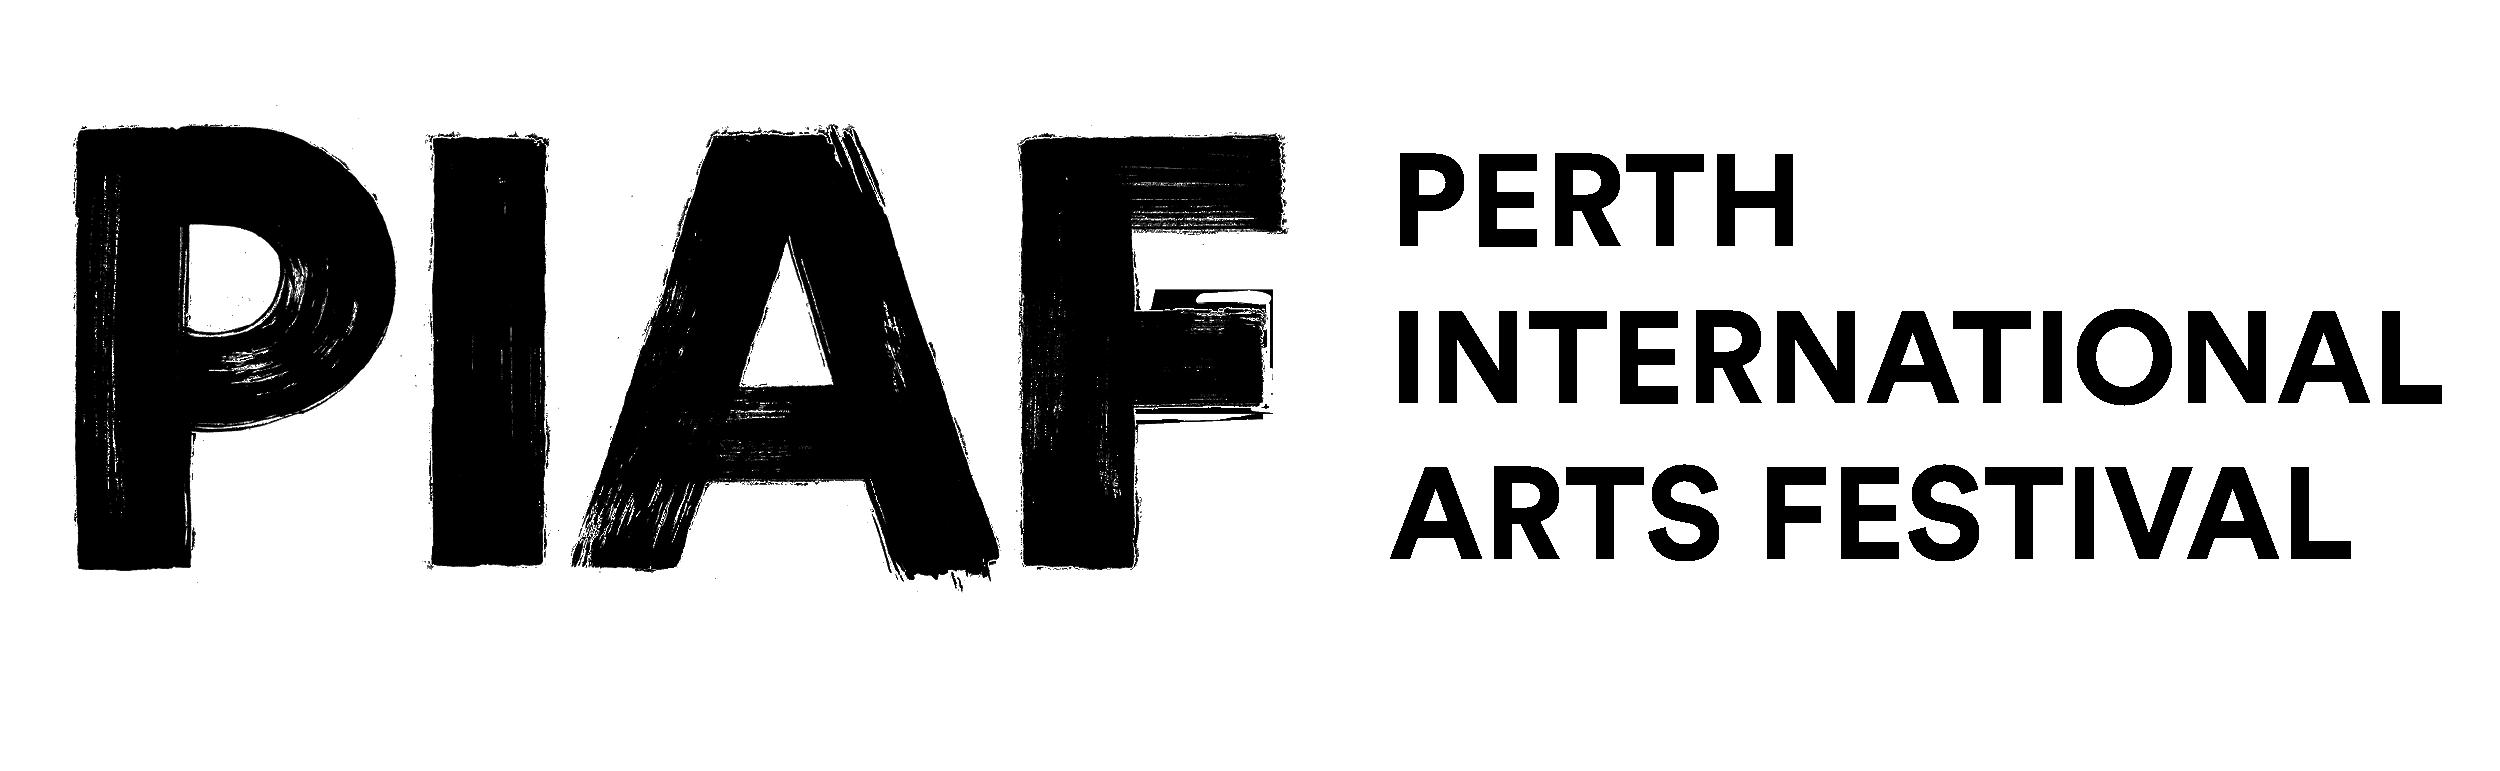 di001_header_v8.png